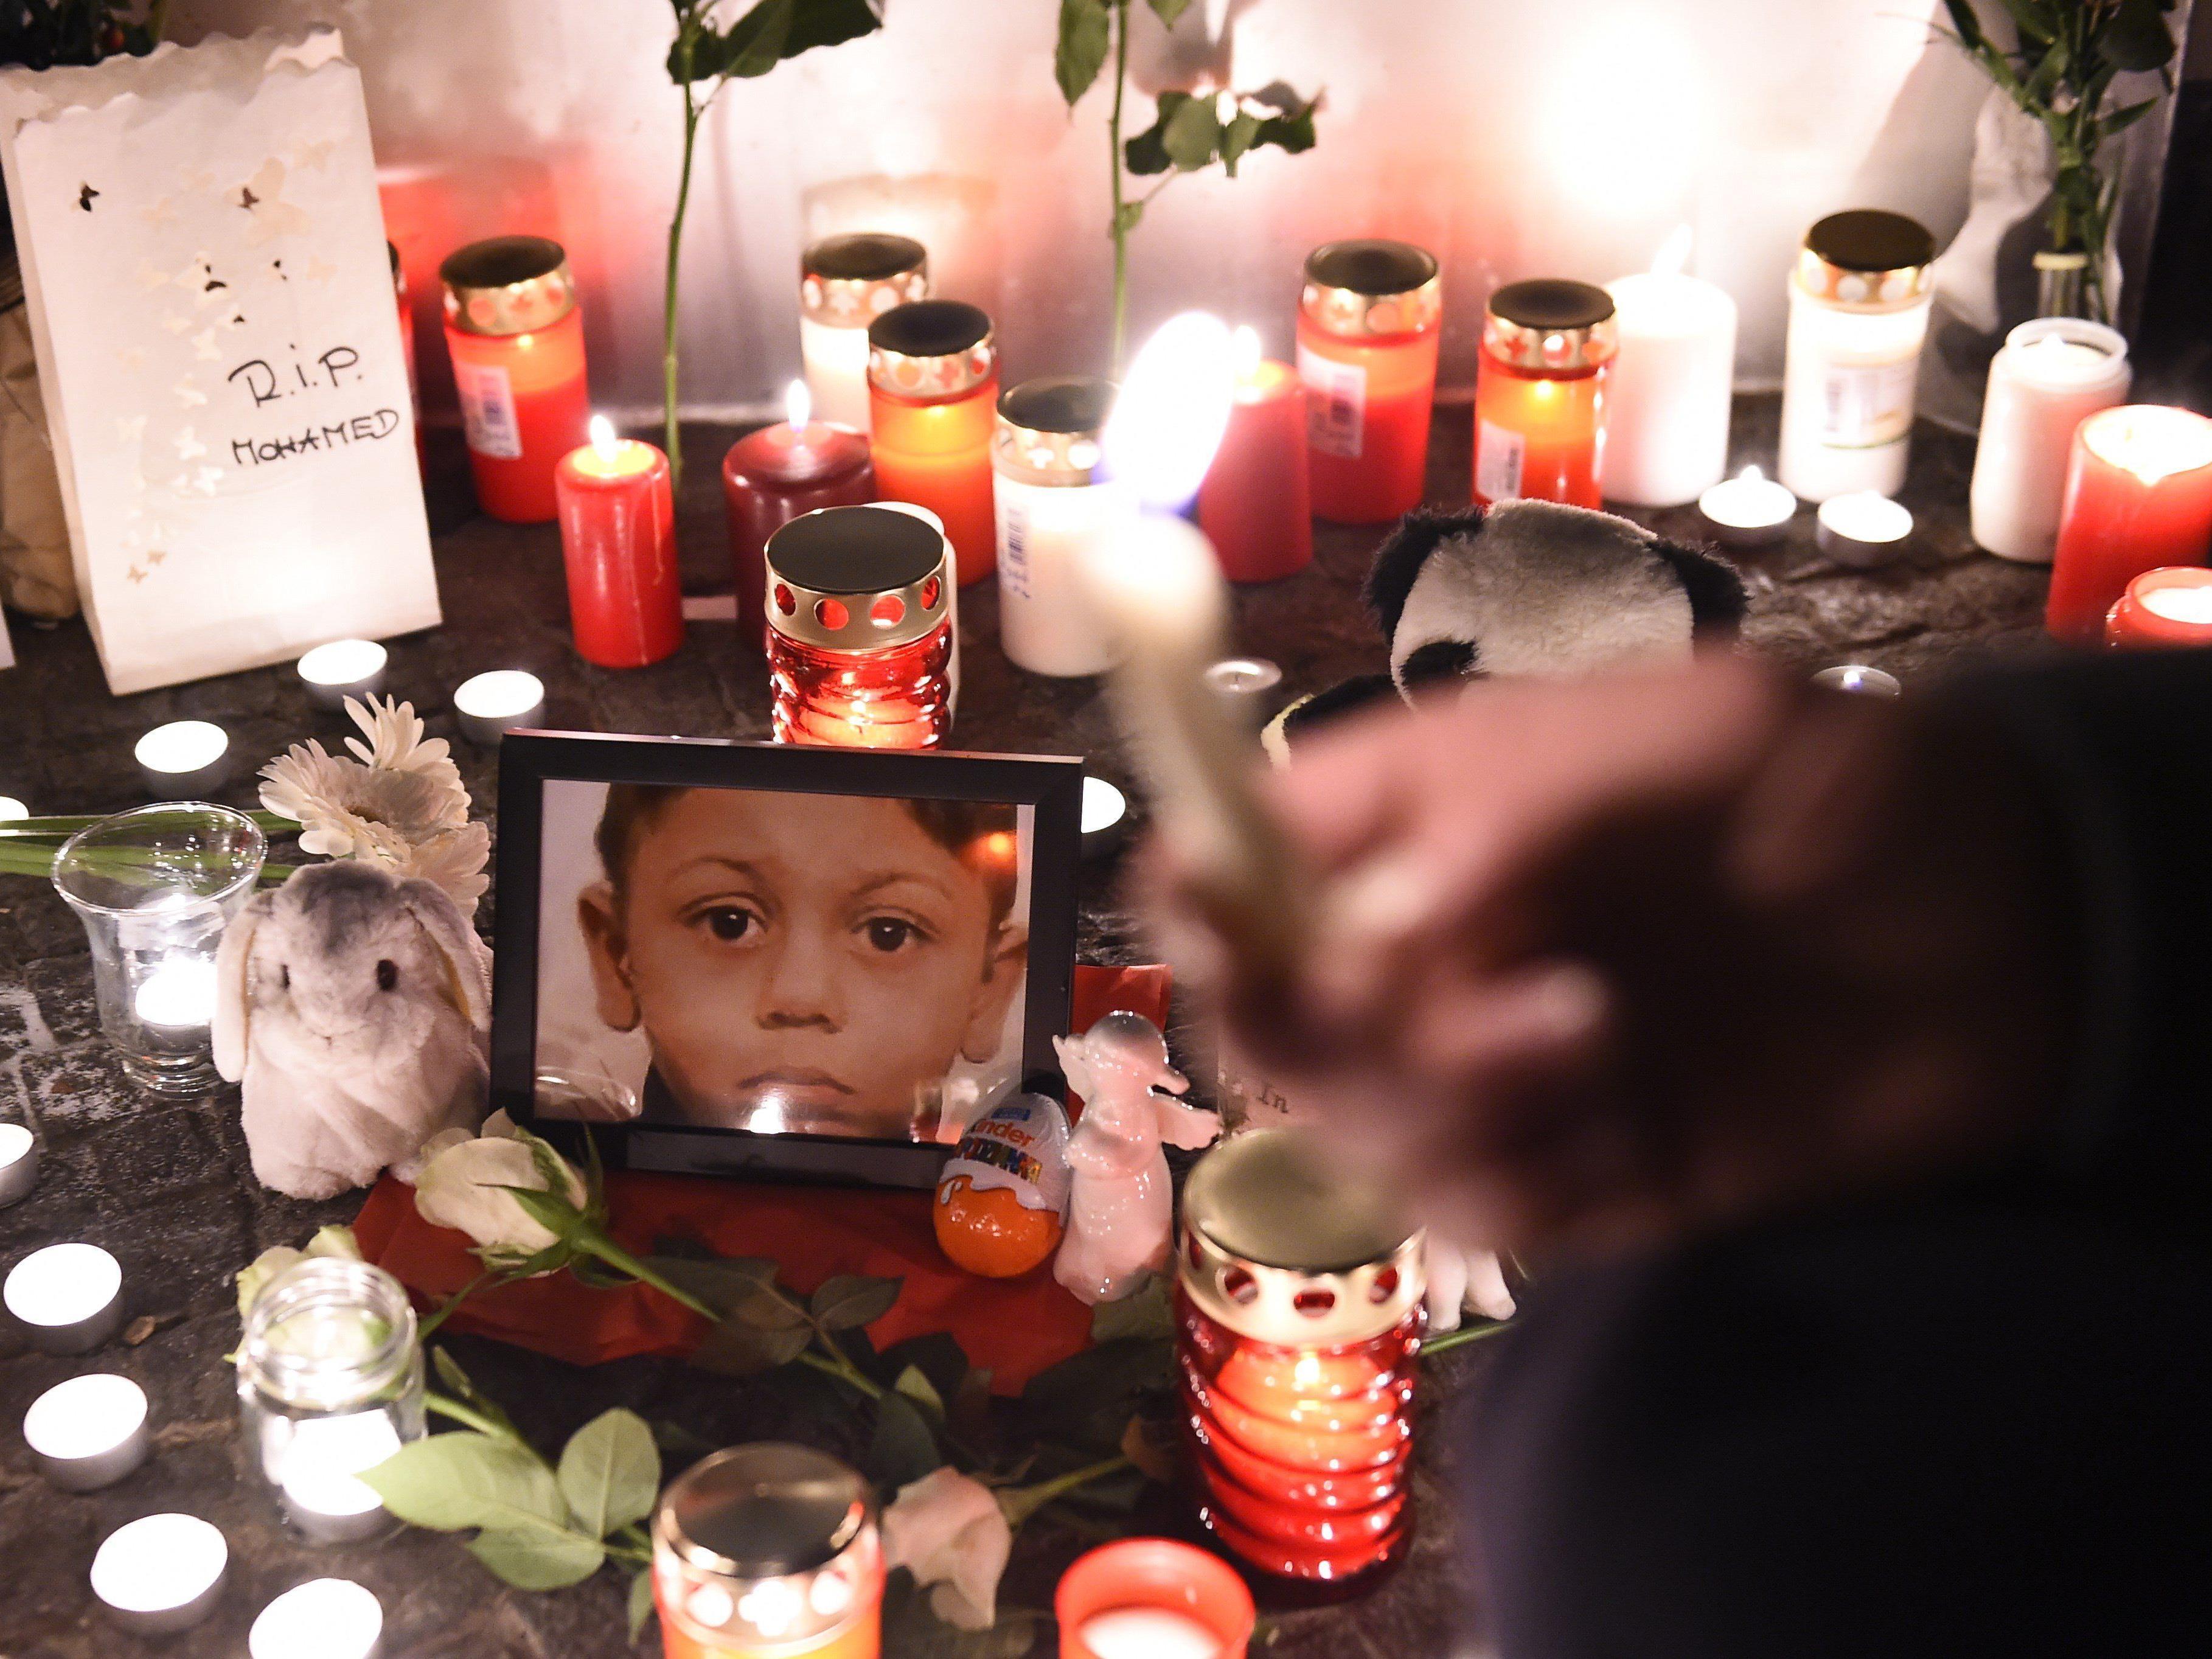 32-Jähriger gesteht Gewalttat an Mohamed - Mutter gab den Hinweis